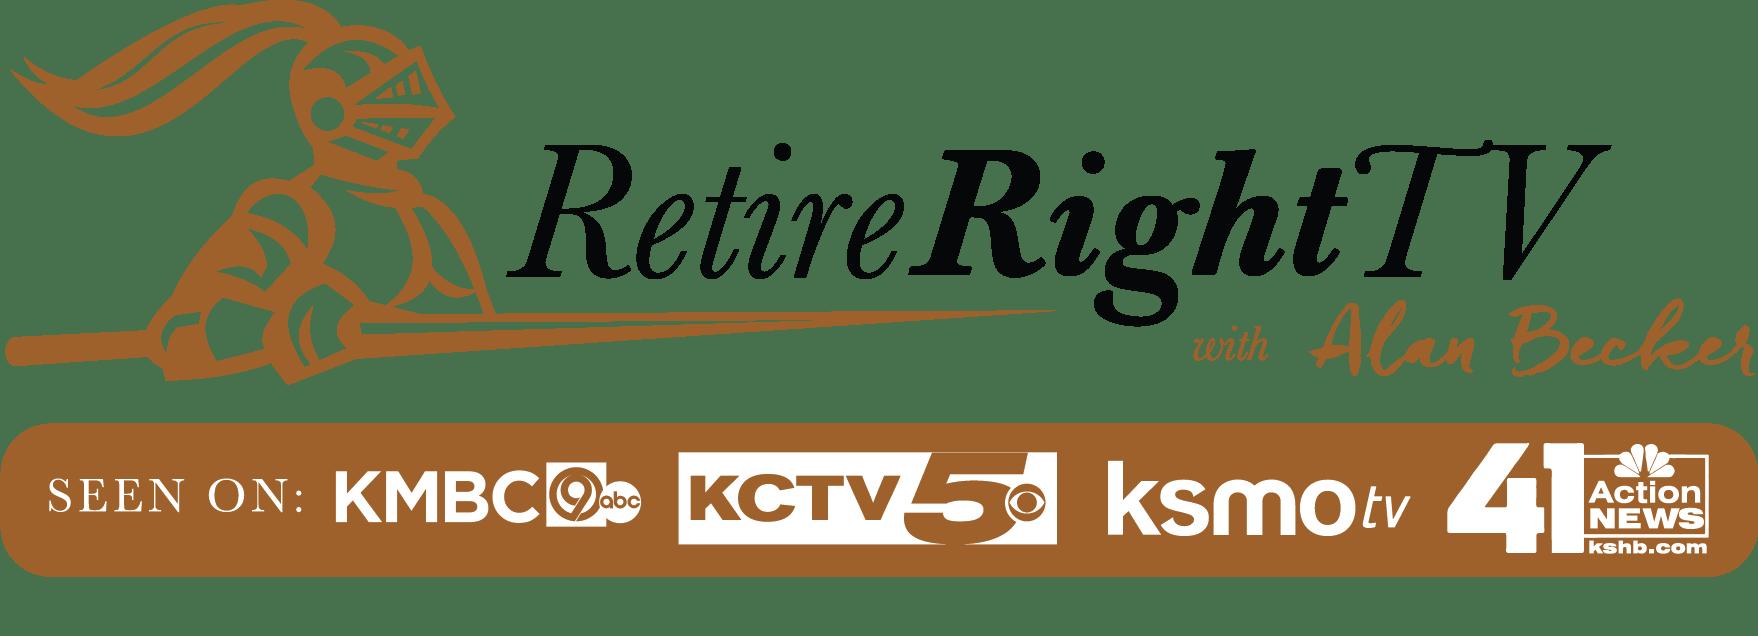 RetireRightTV_logo_COLOR_ke_06.25.20